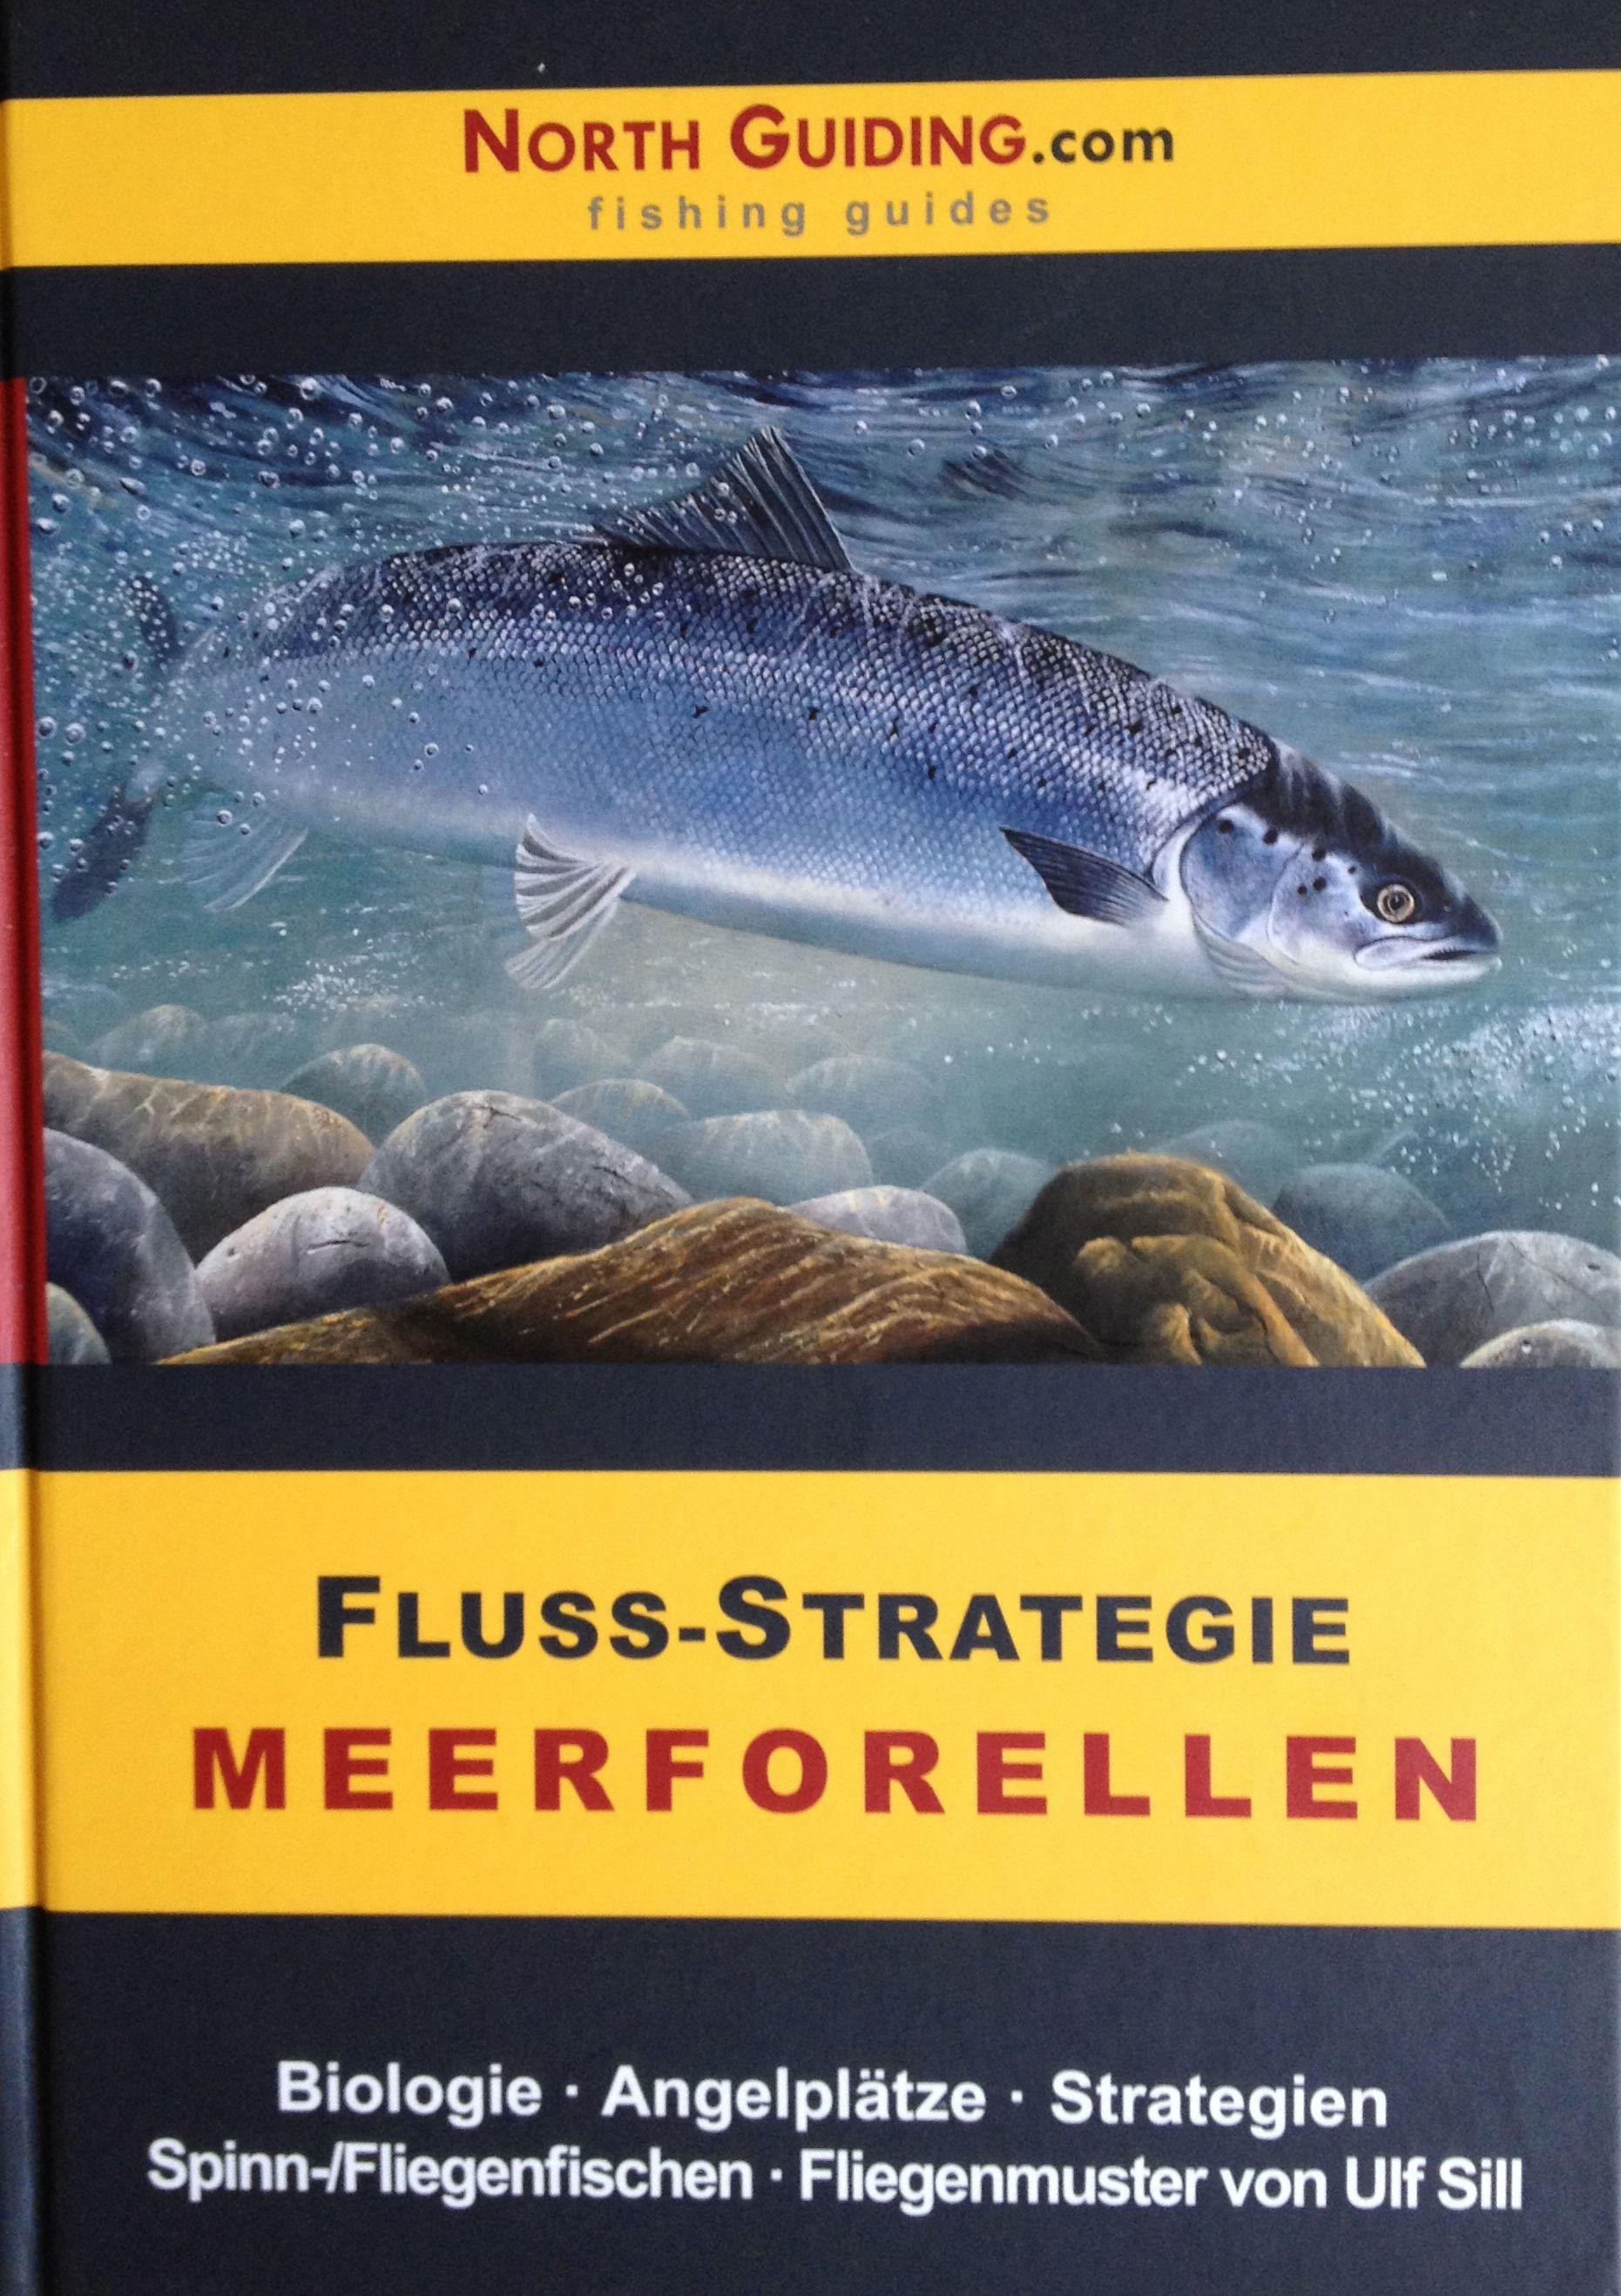 Forelle Äsche Fliegenfischen Meerforelle Fluss Northguiding